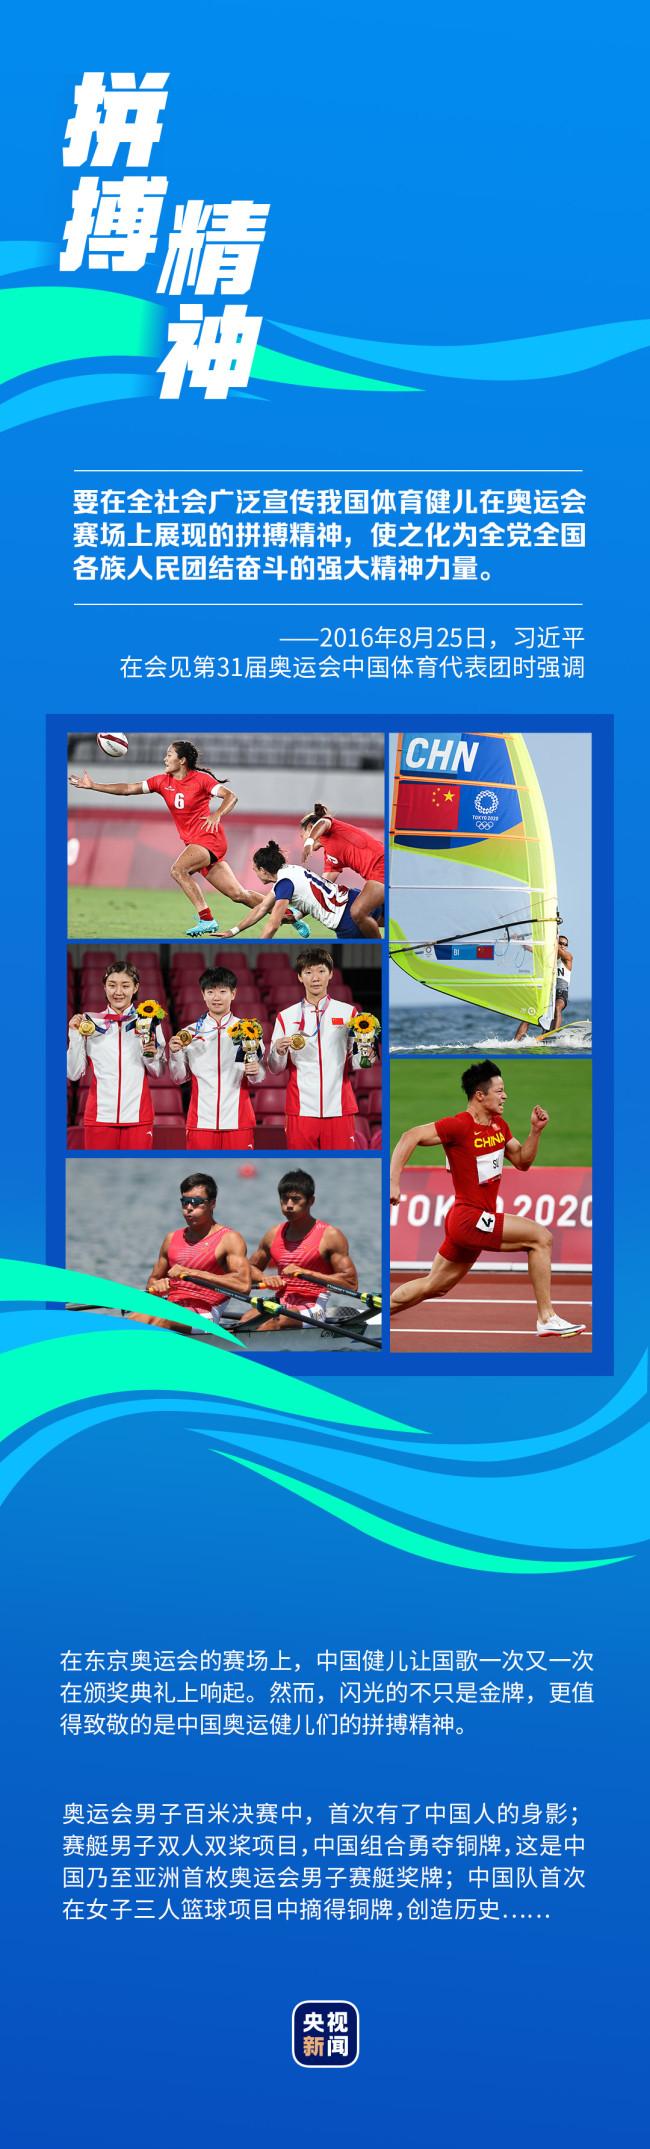 与奥运同行,全民健身动起来!